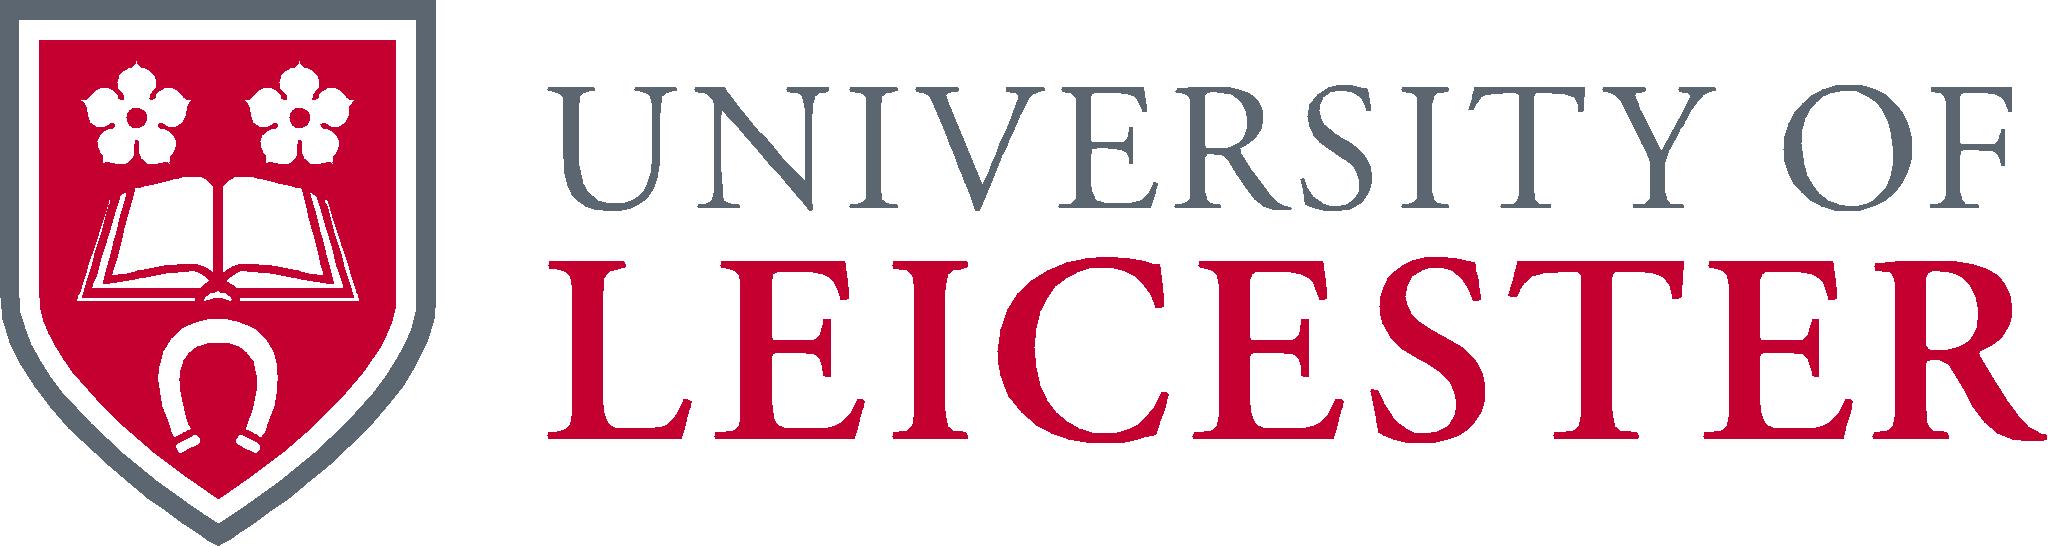 universitylogo